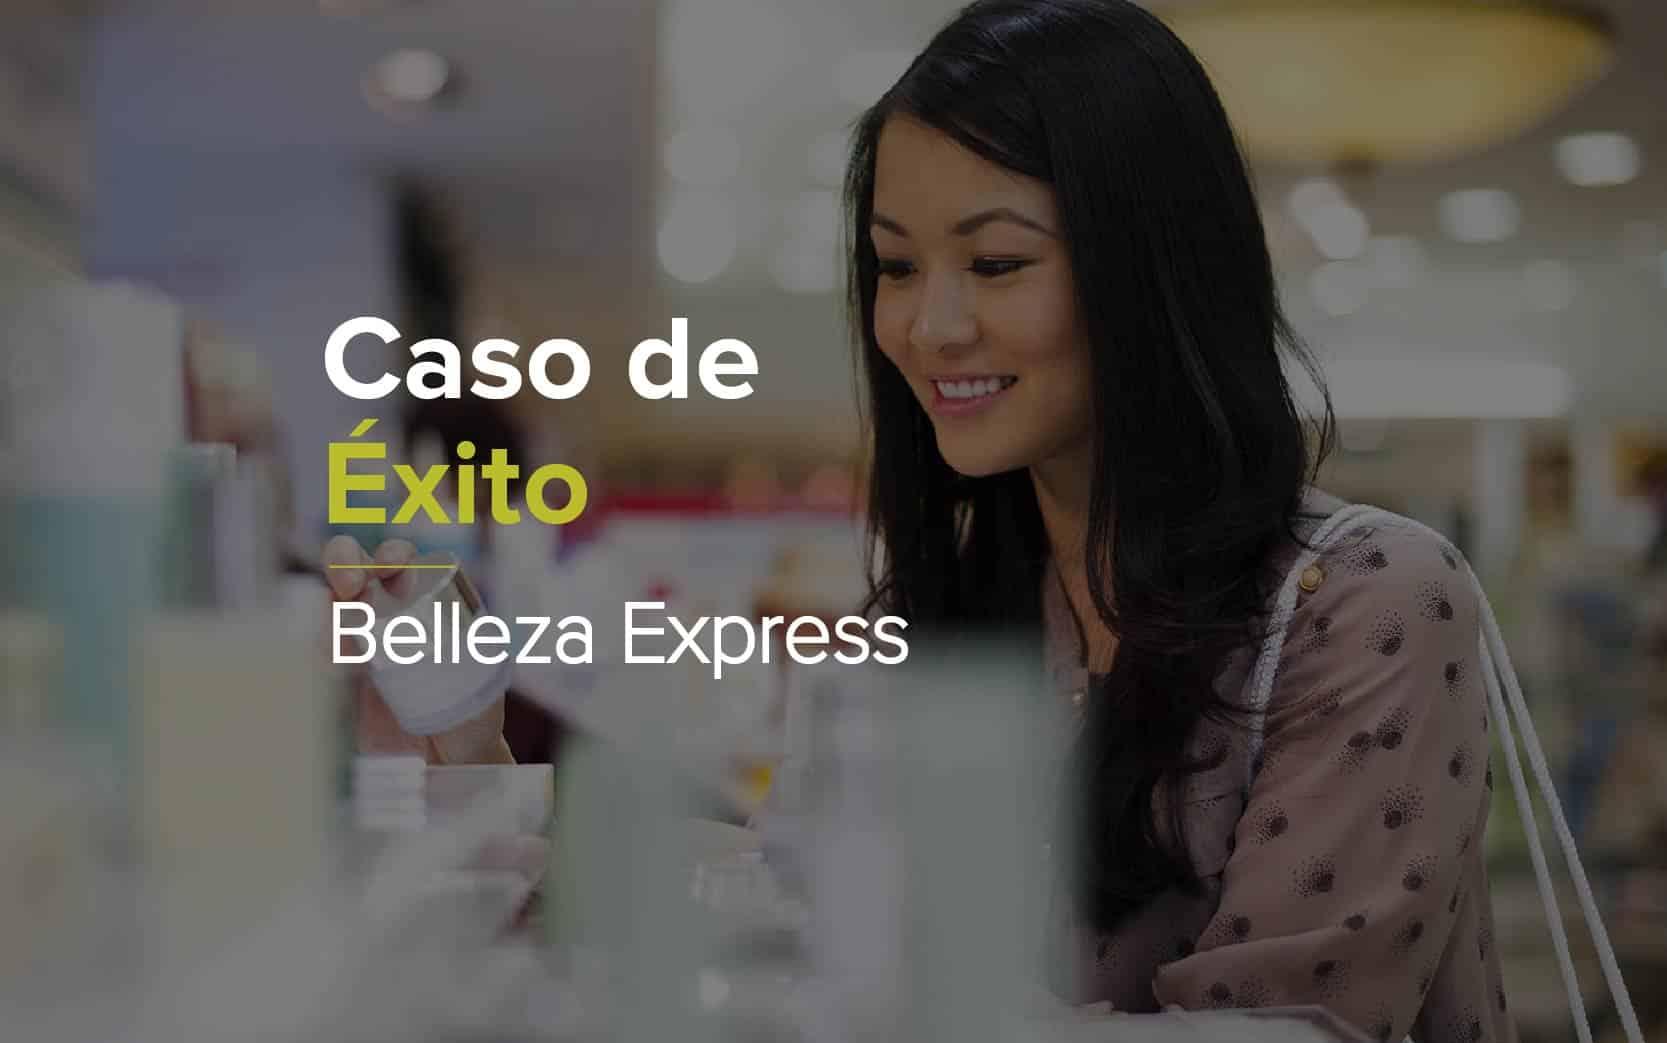 Caso de éxito Belleza Express